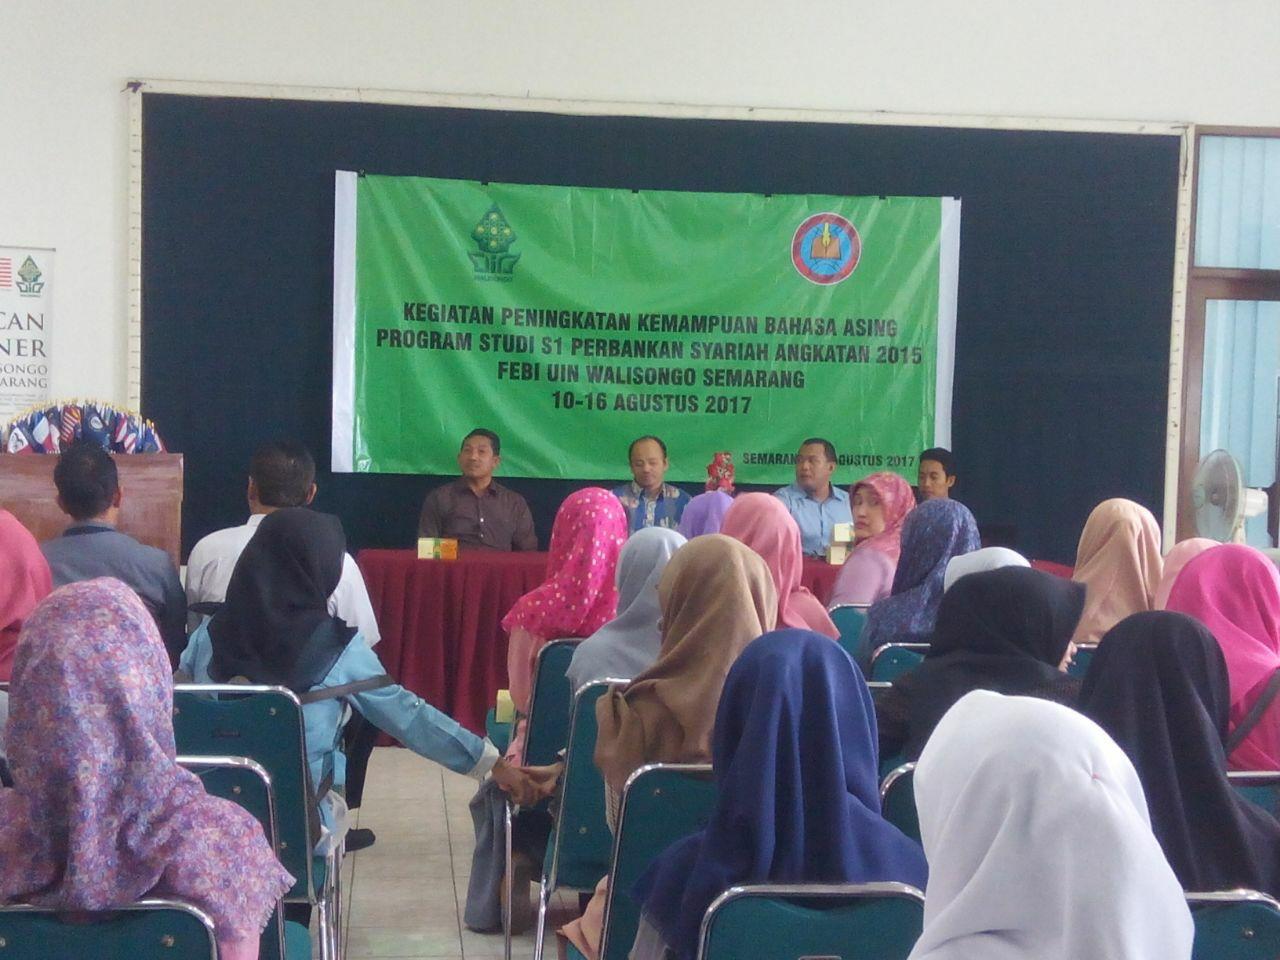 Peningkatan Kemampuan Bahasa Asing Program Studi  S1 Perbankan Syariah 2017